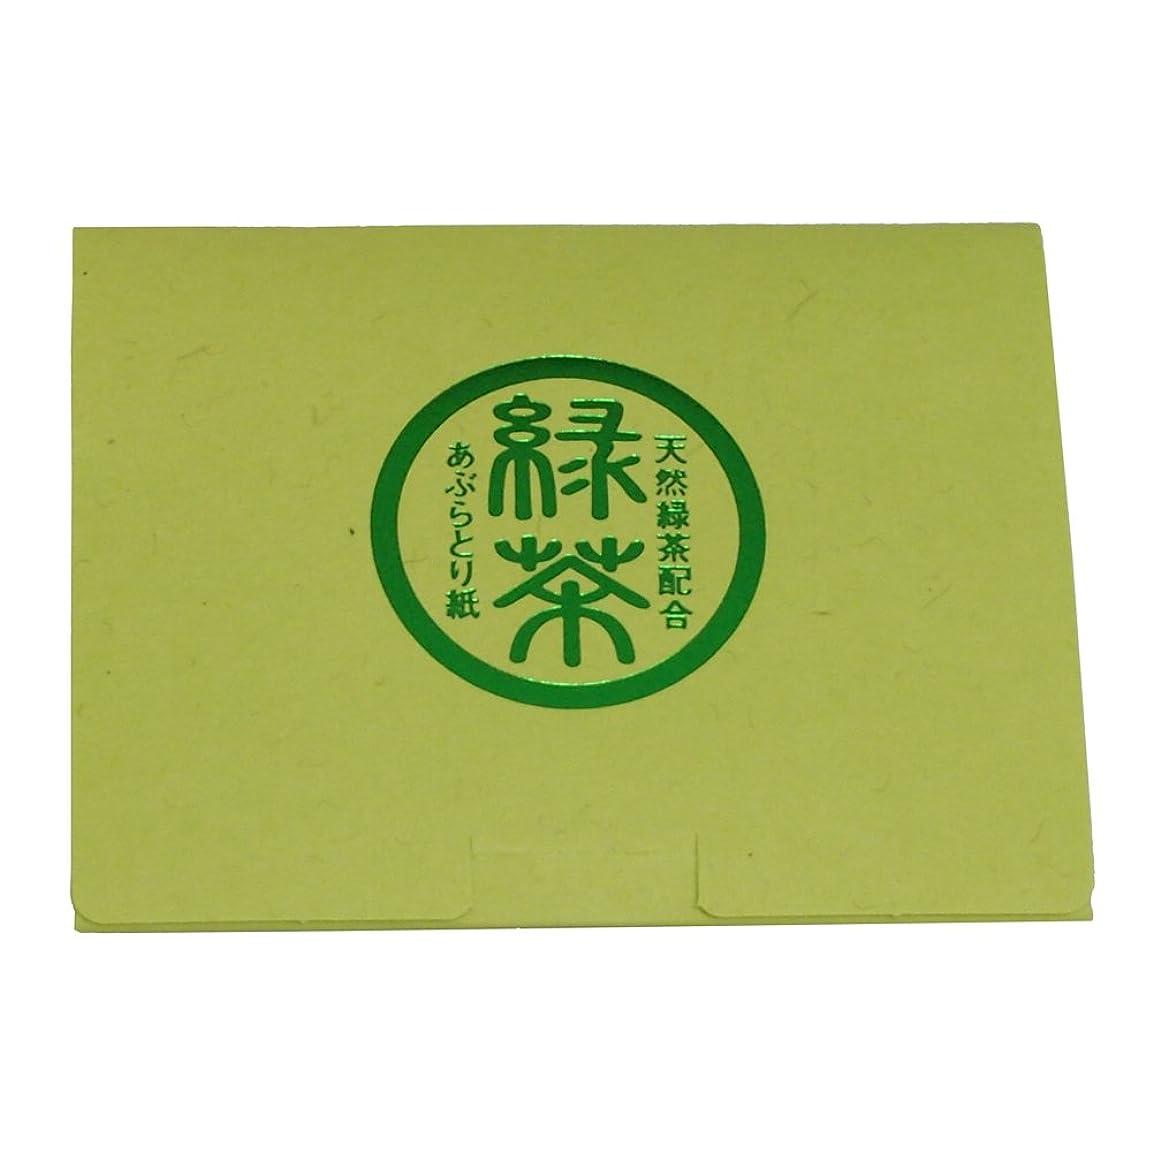 全滅させるワンダー下品米長 天然緑茶配合 あぶらとり紙 高級 日本製 100枚入り 5個セット